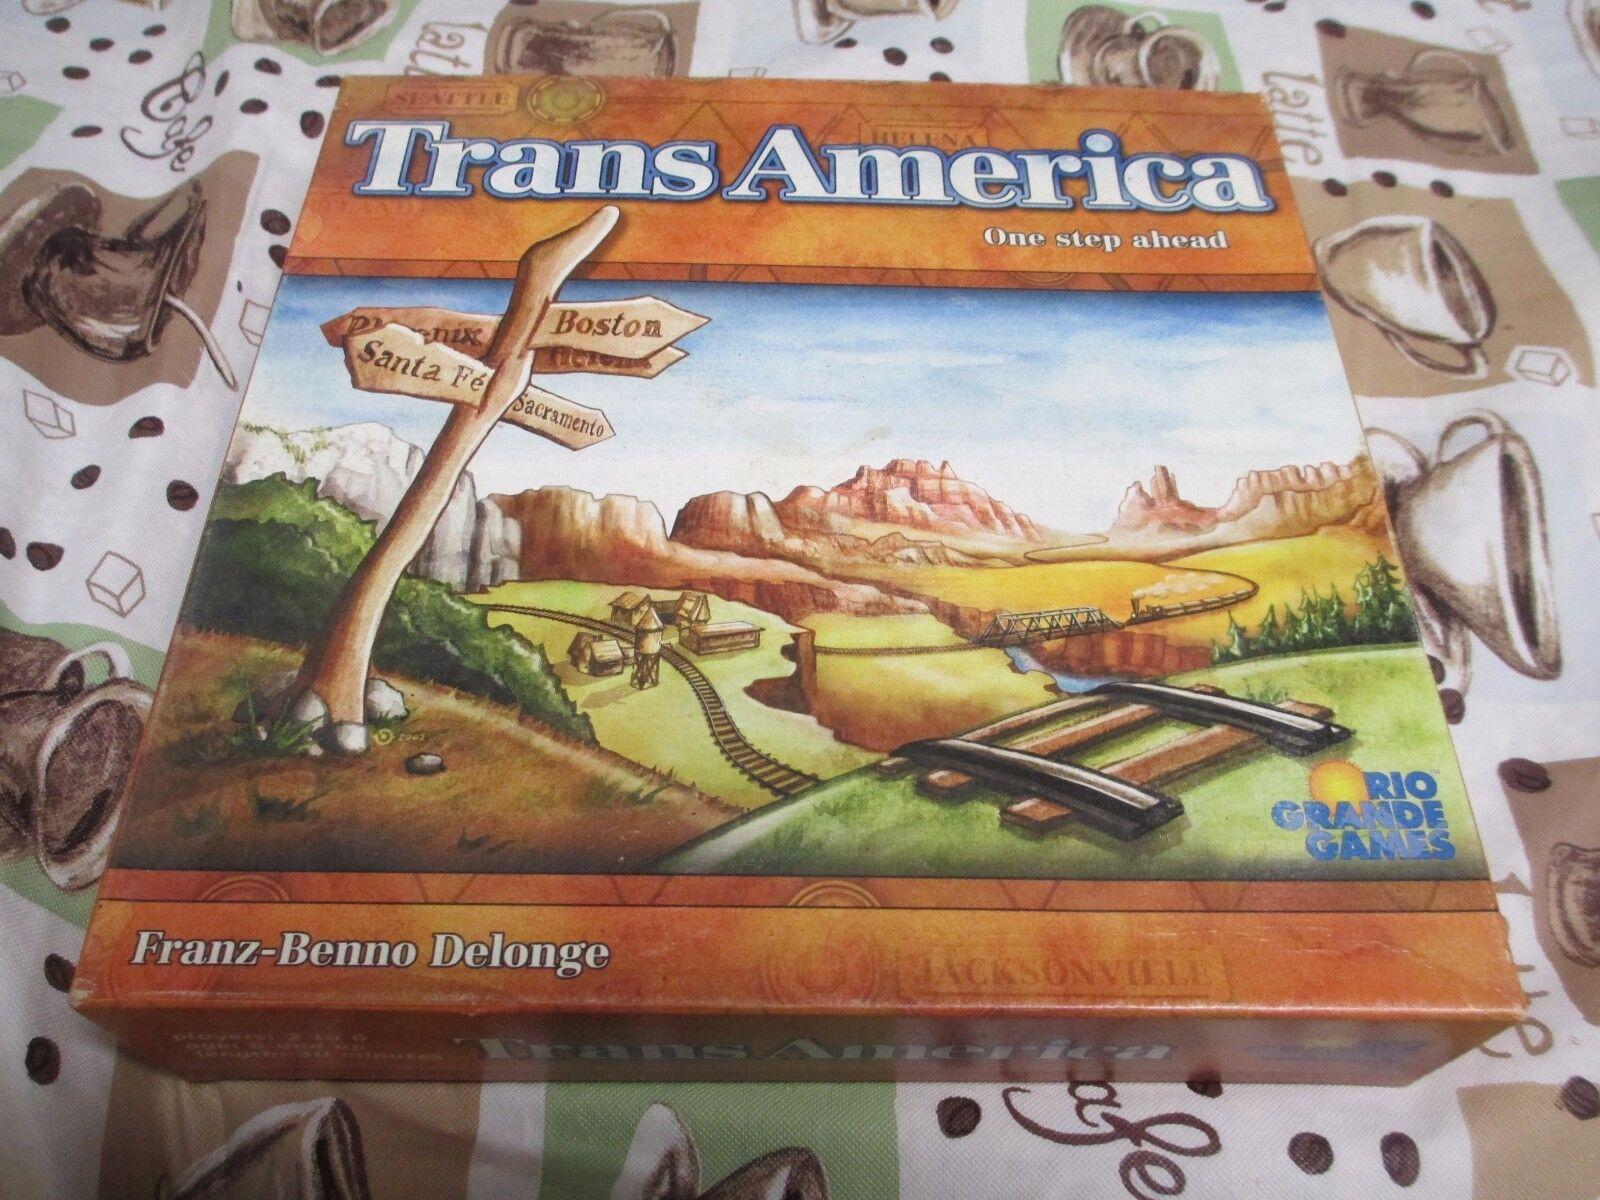 Rio grande brettspiel transamerica franz benno delonge winsome spiele 2002